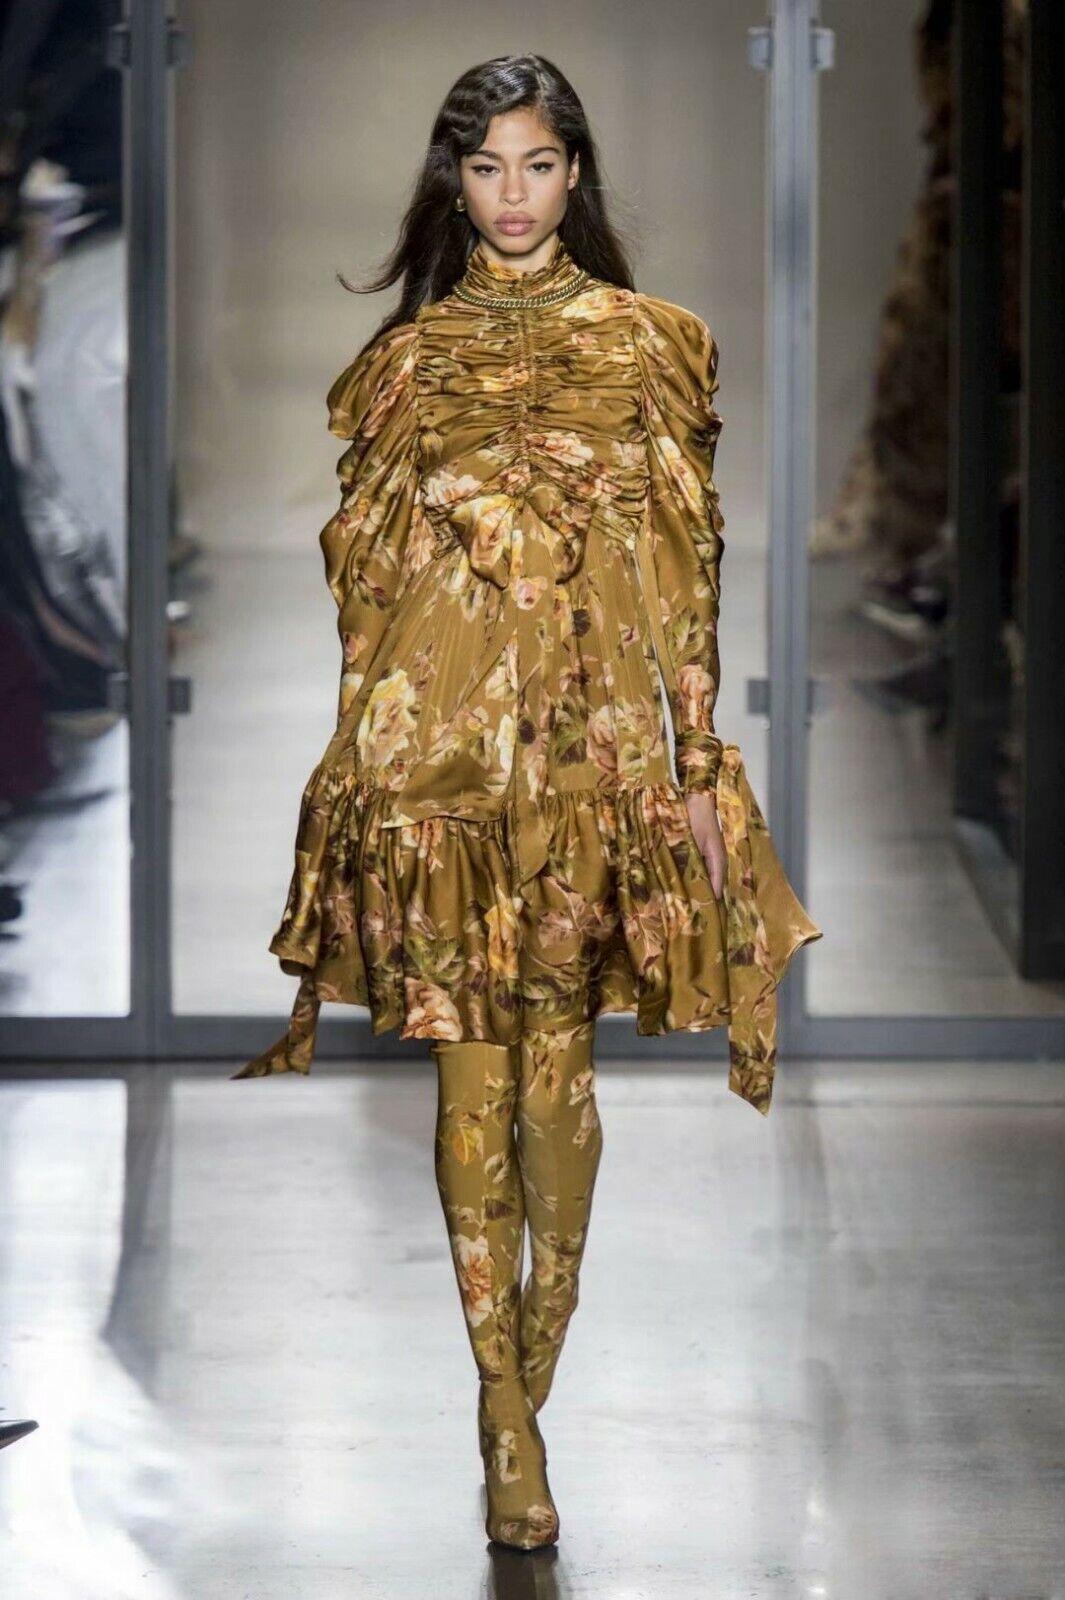 2019 daMänner Designer Inspirot Luxury High Waist Floral Ruffle High Neck Kleid